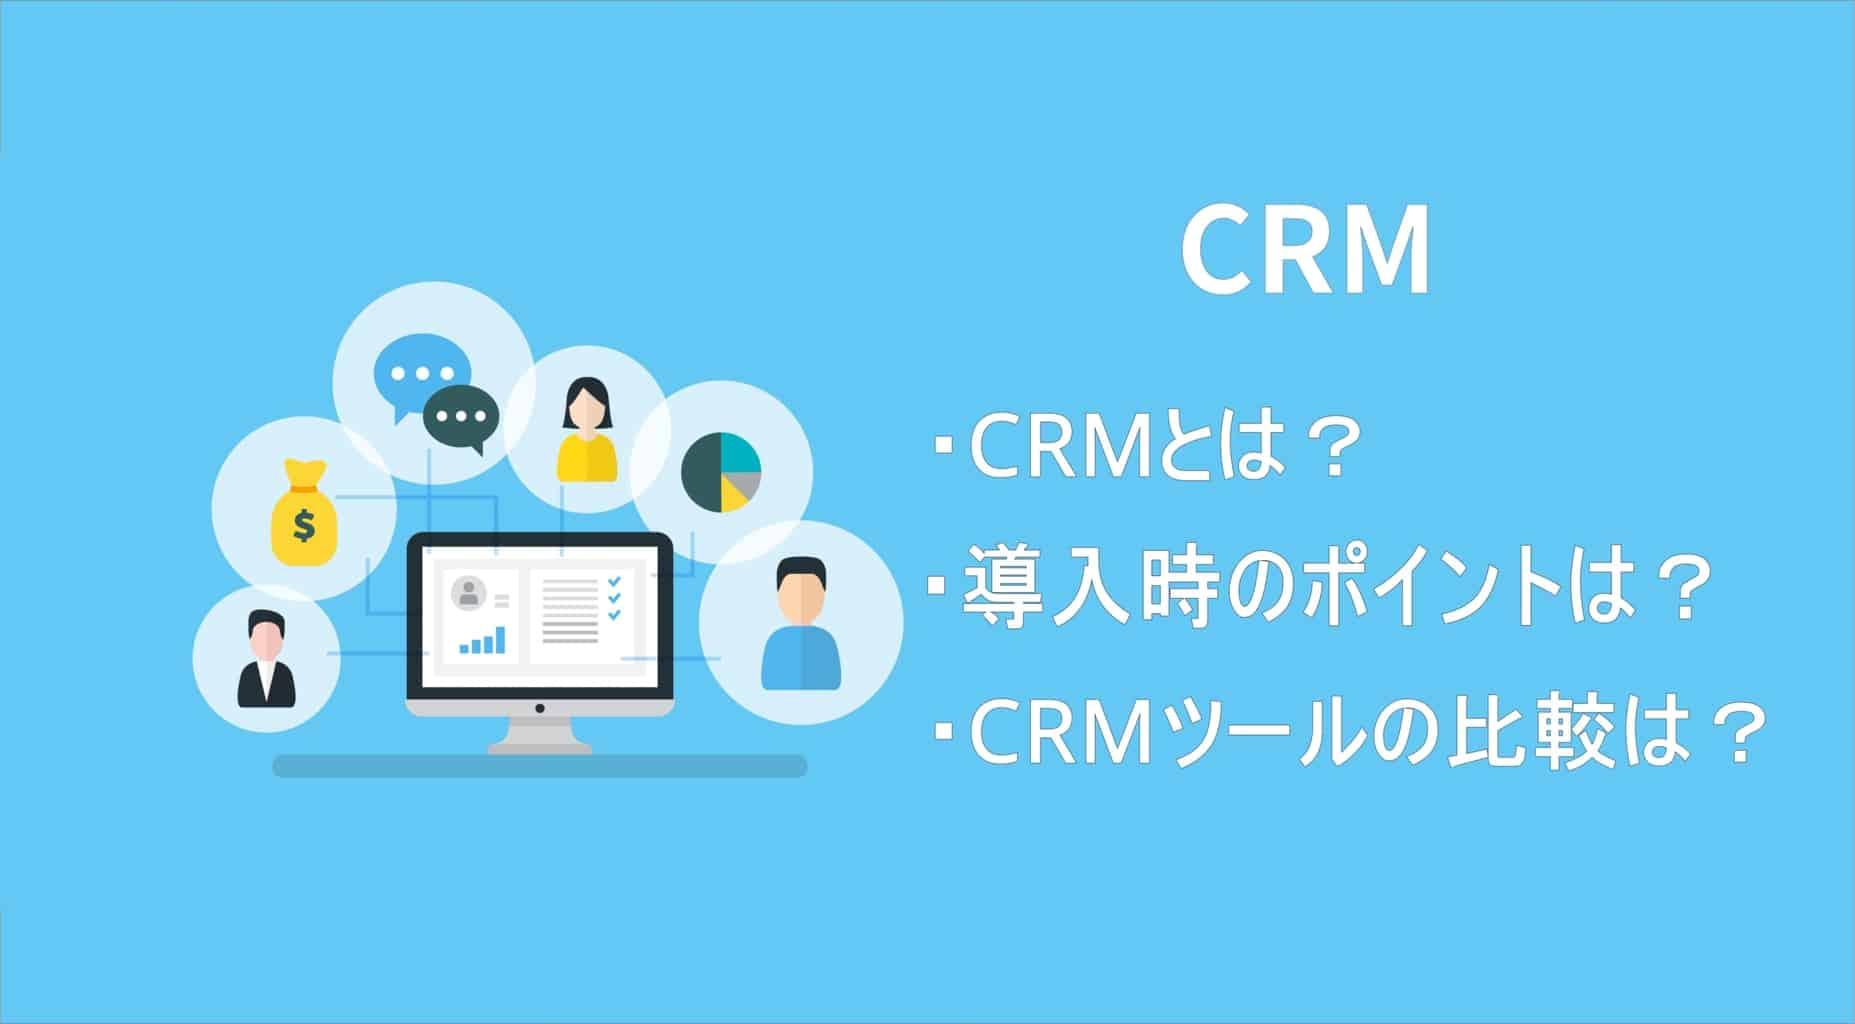 【2021年最新版】おすすめなCRM15種類を徹底比較!導入時のポイントも紹介!